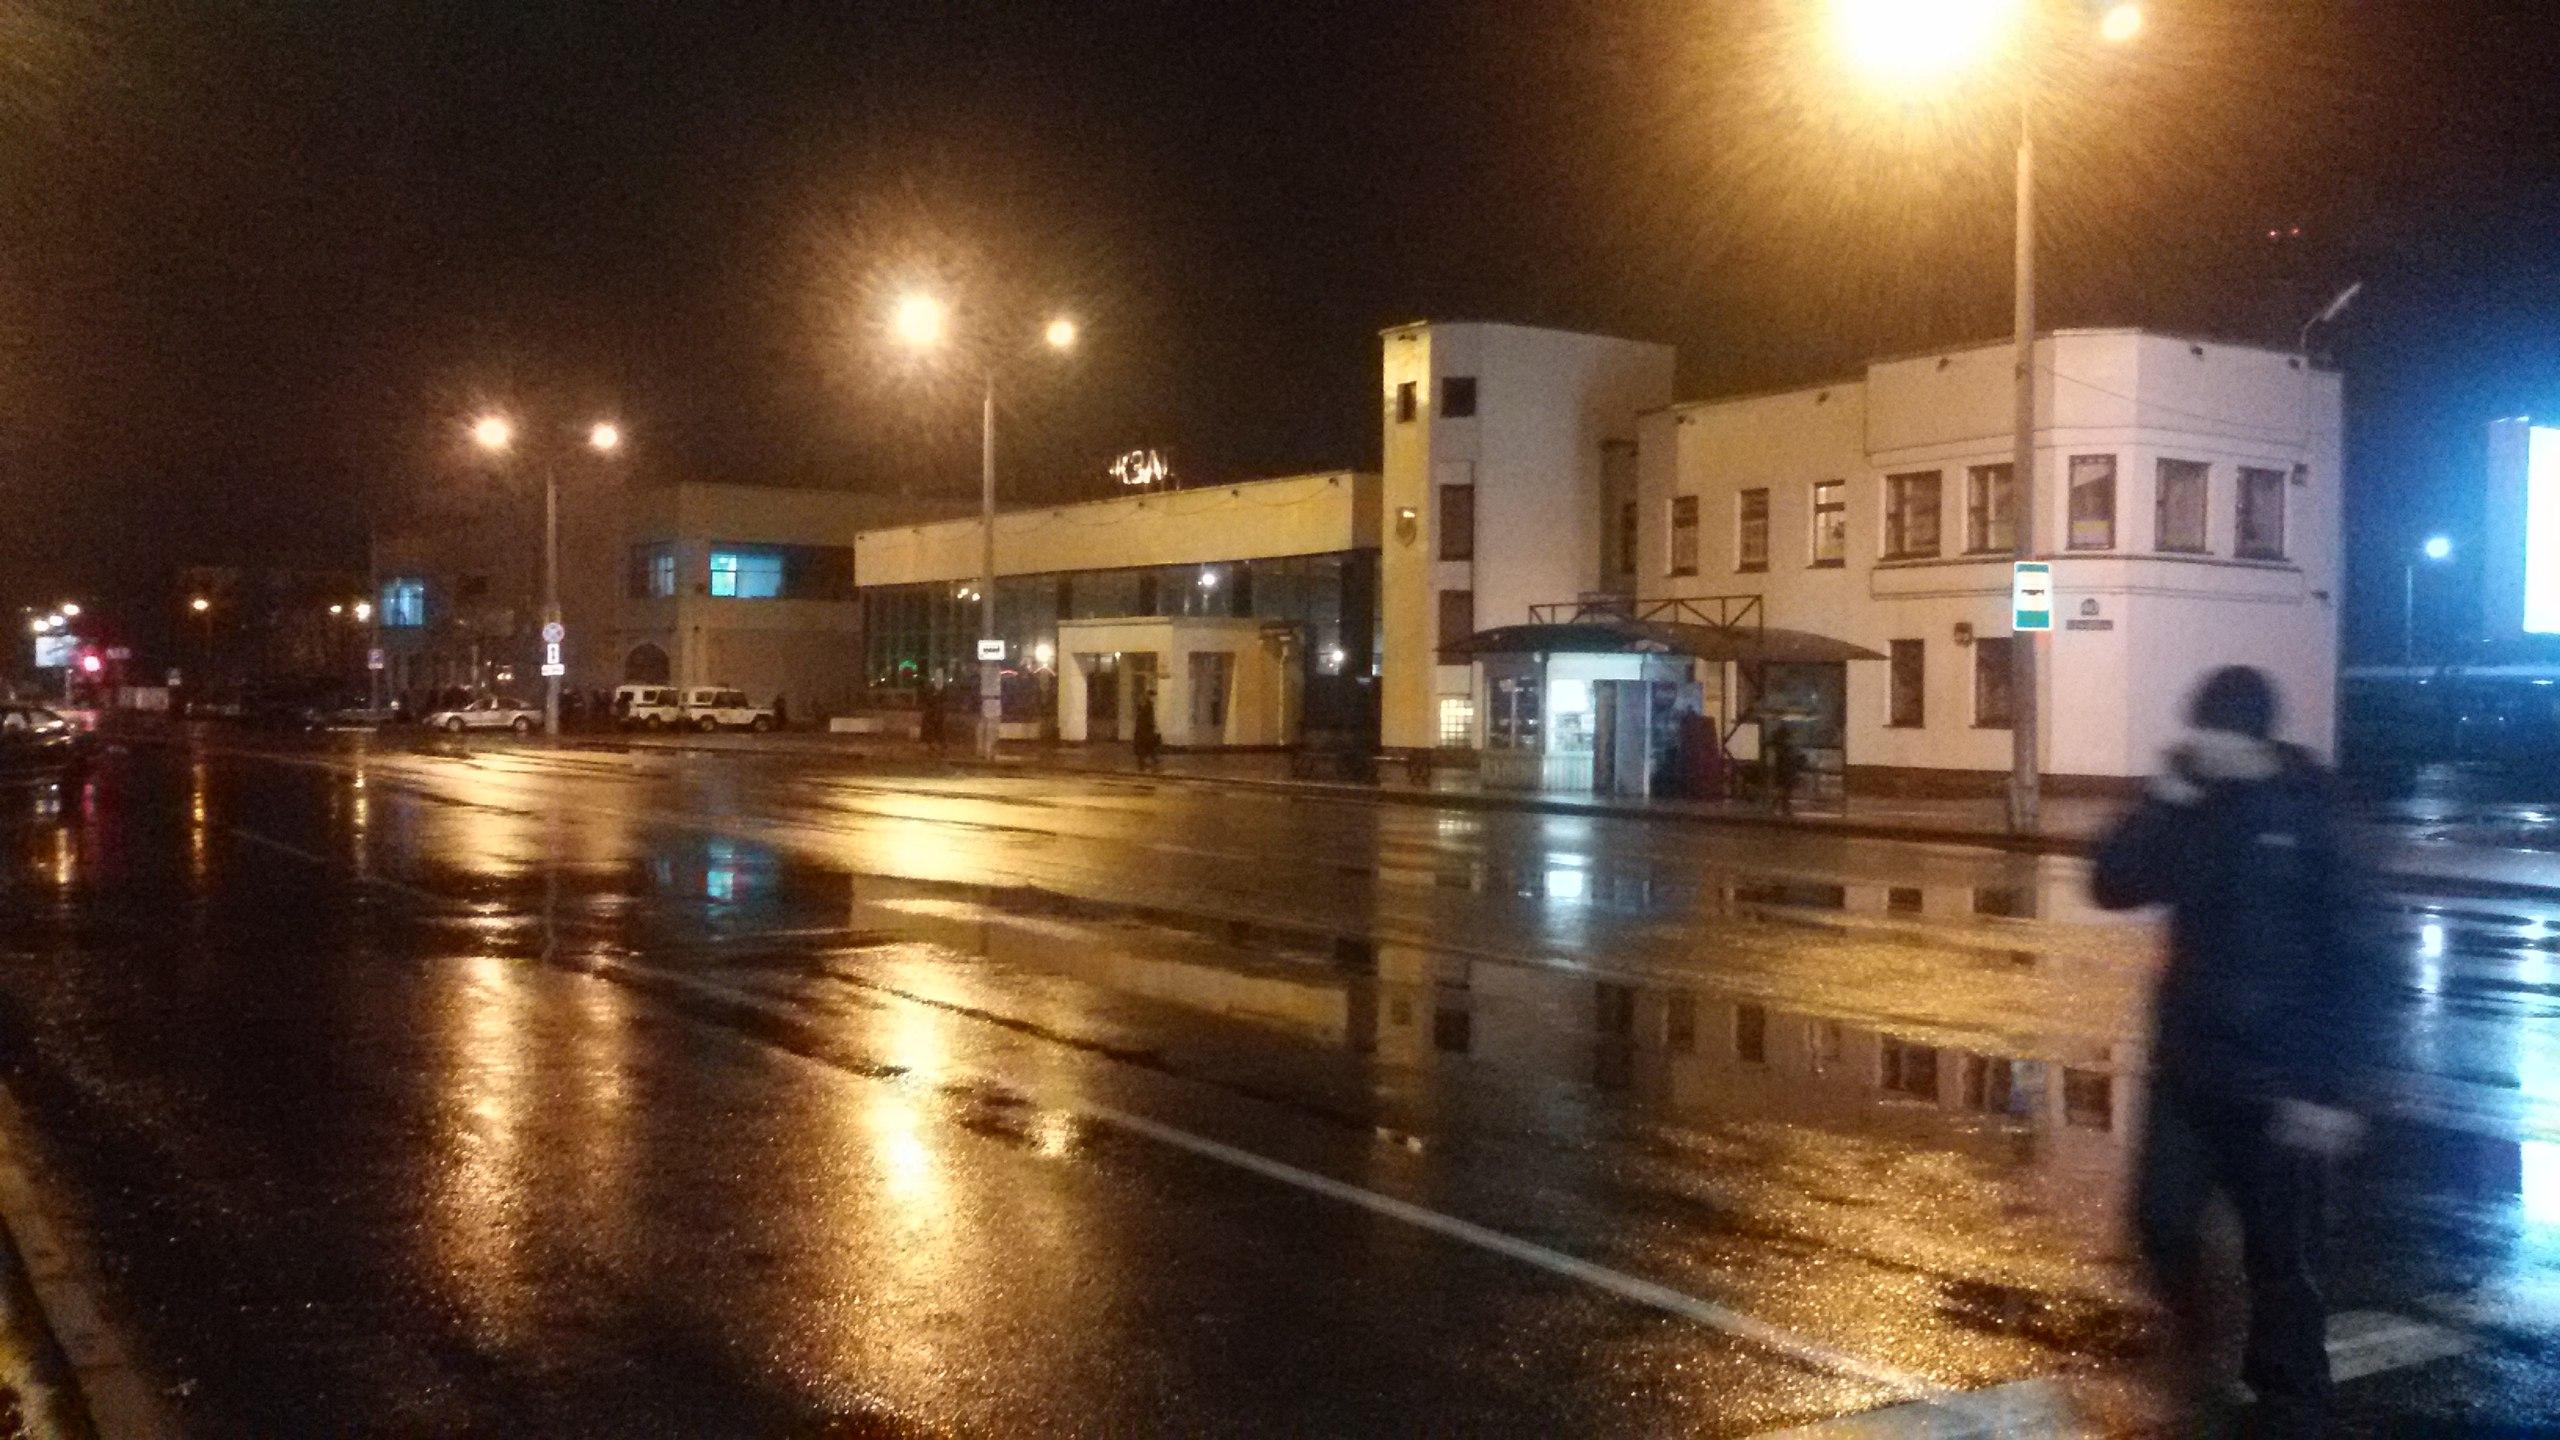 Подозрительные предметы привели к эвакуации сотен людей в Витебской области